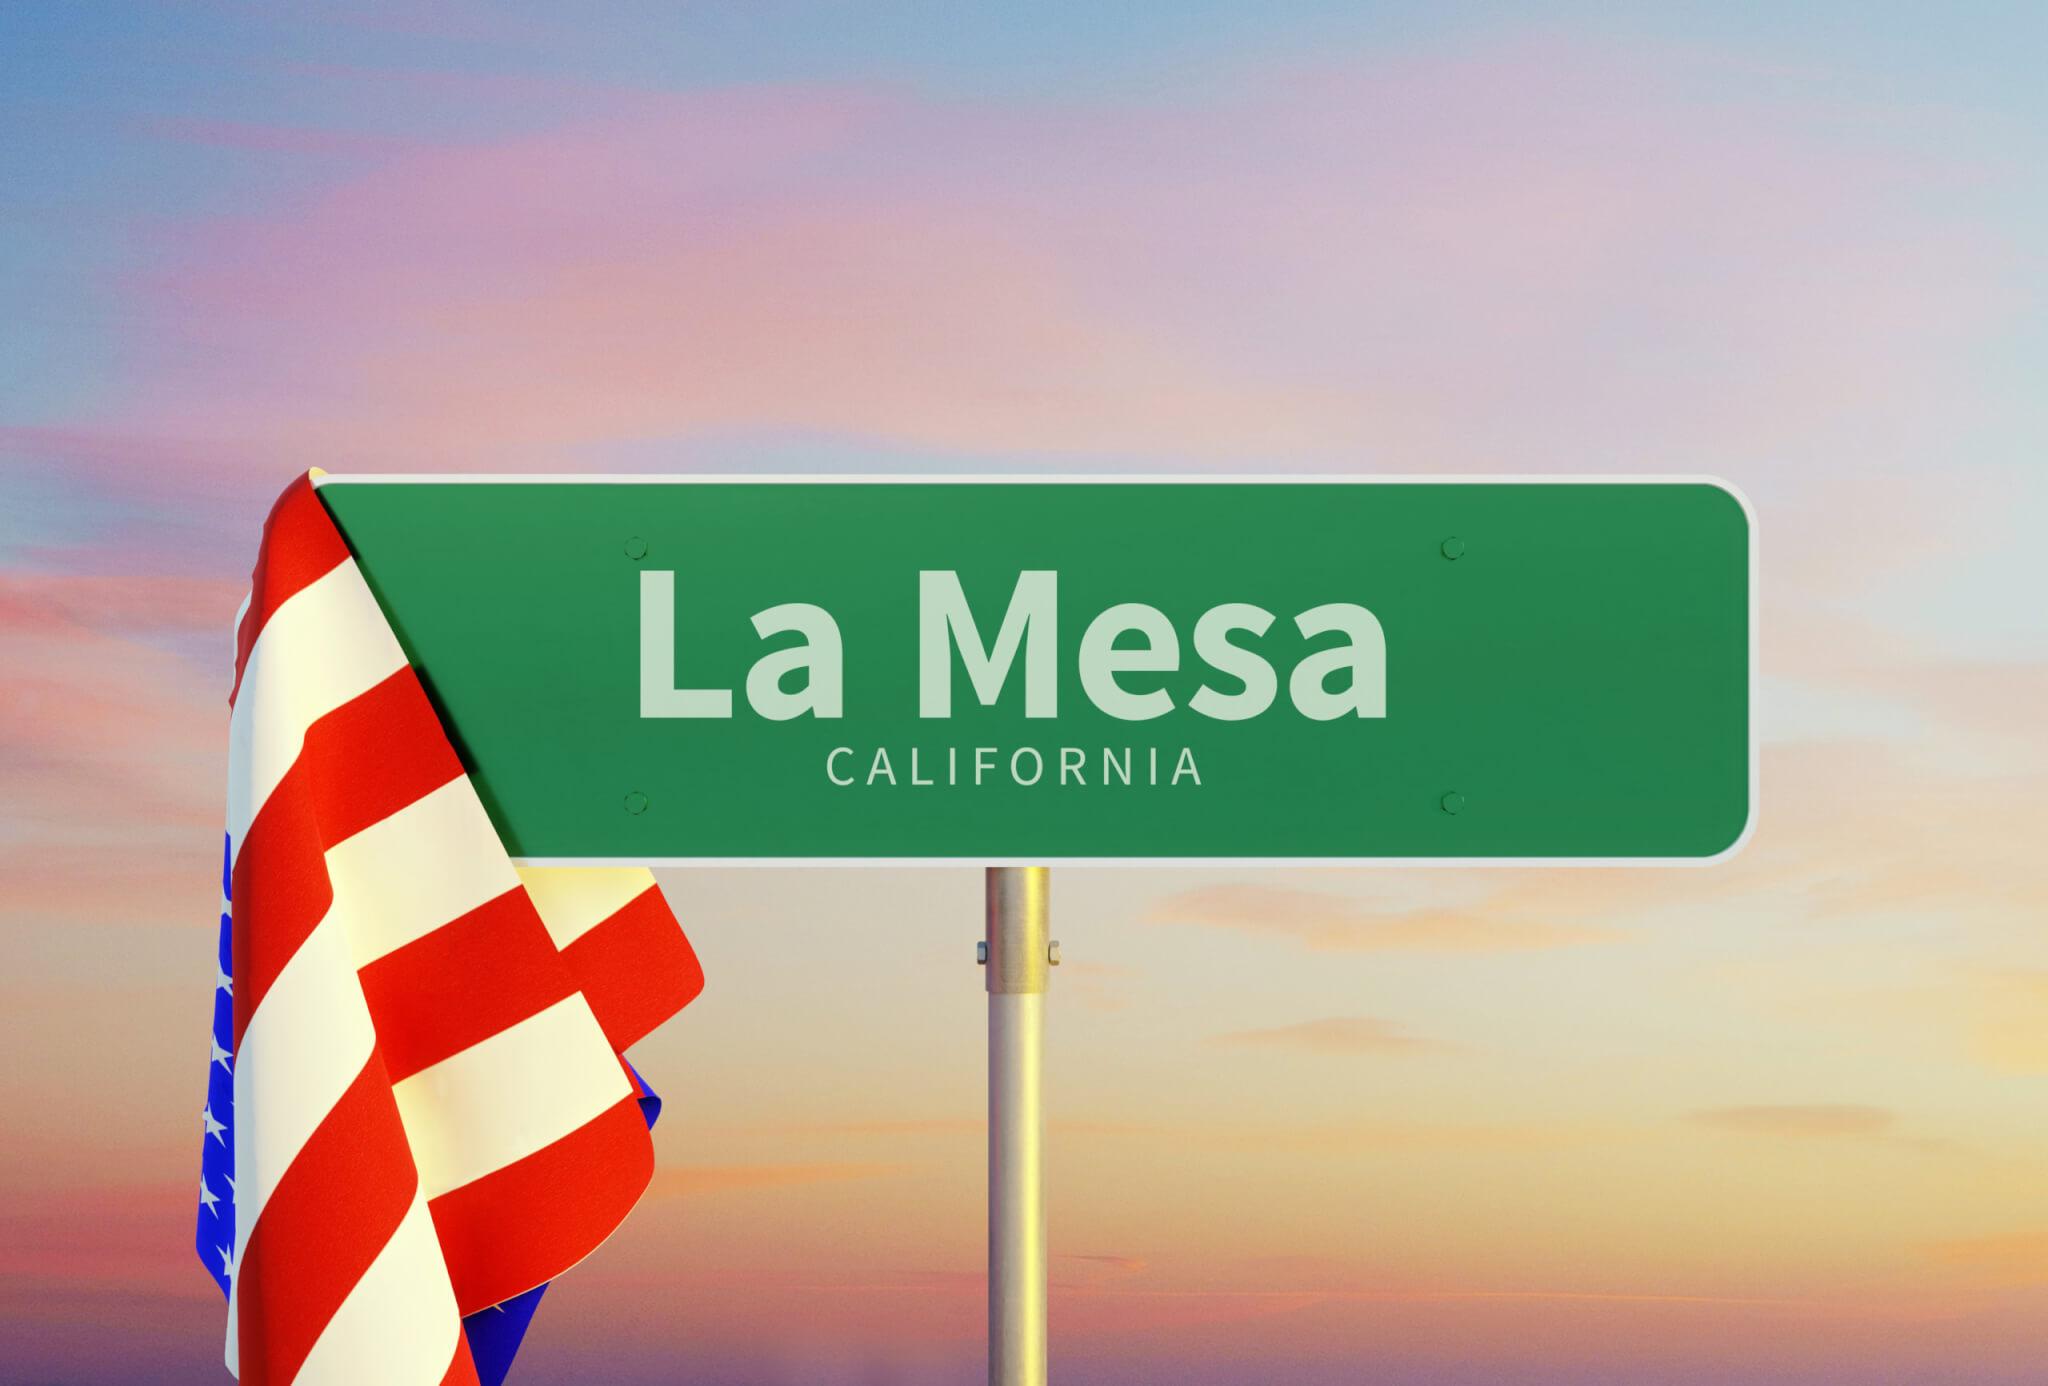 la mesa california road sign